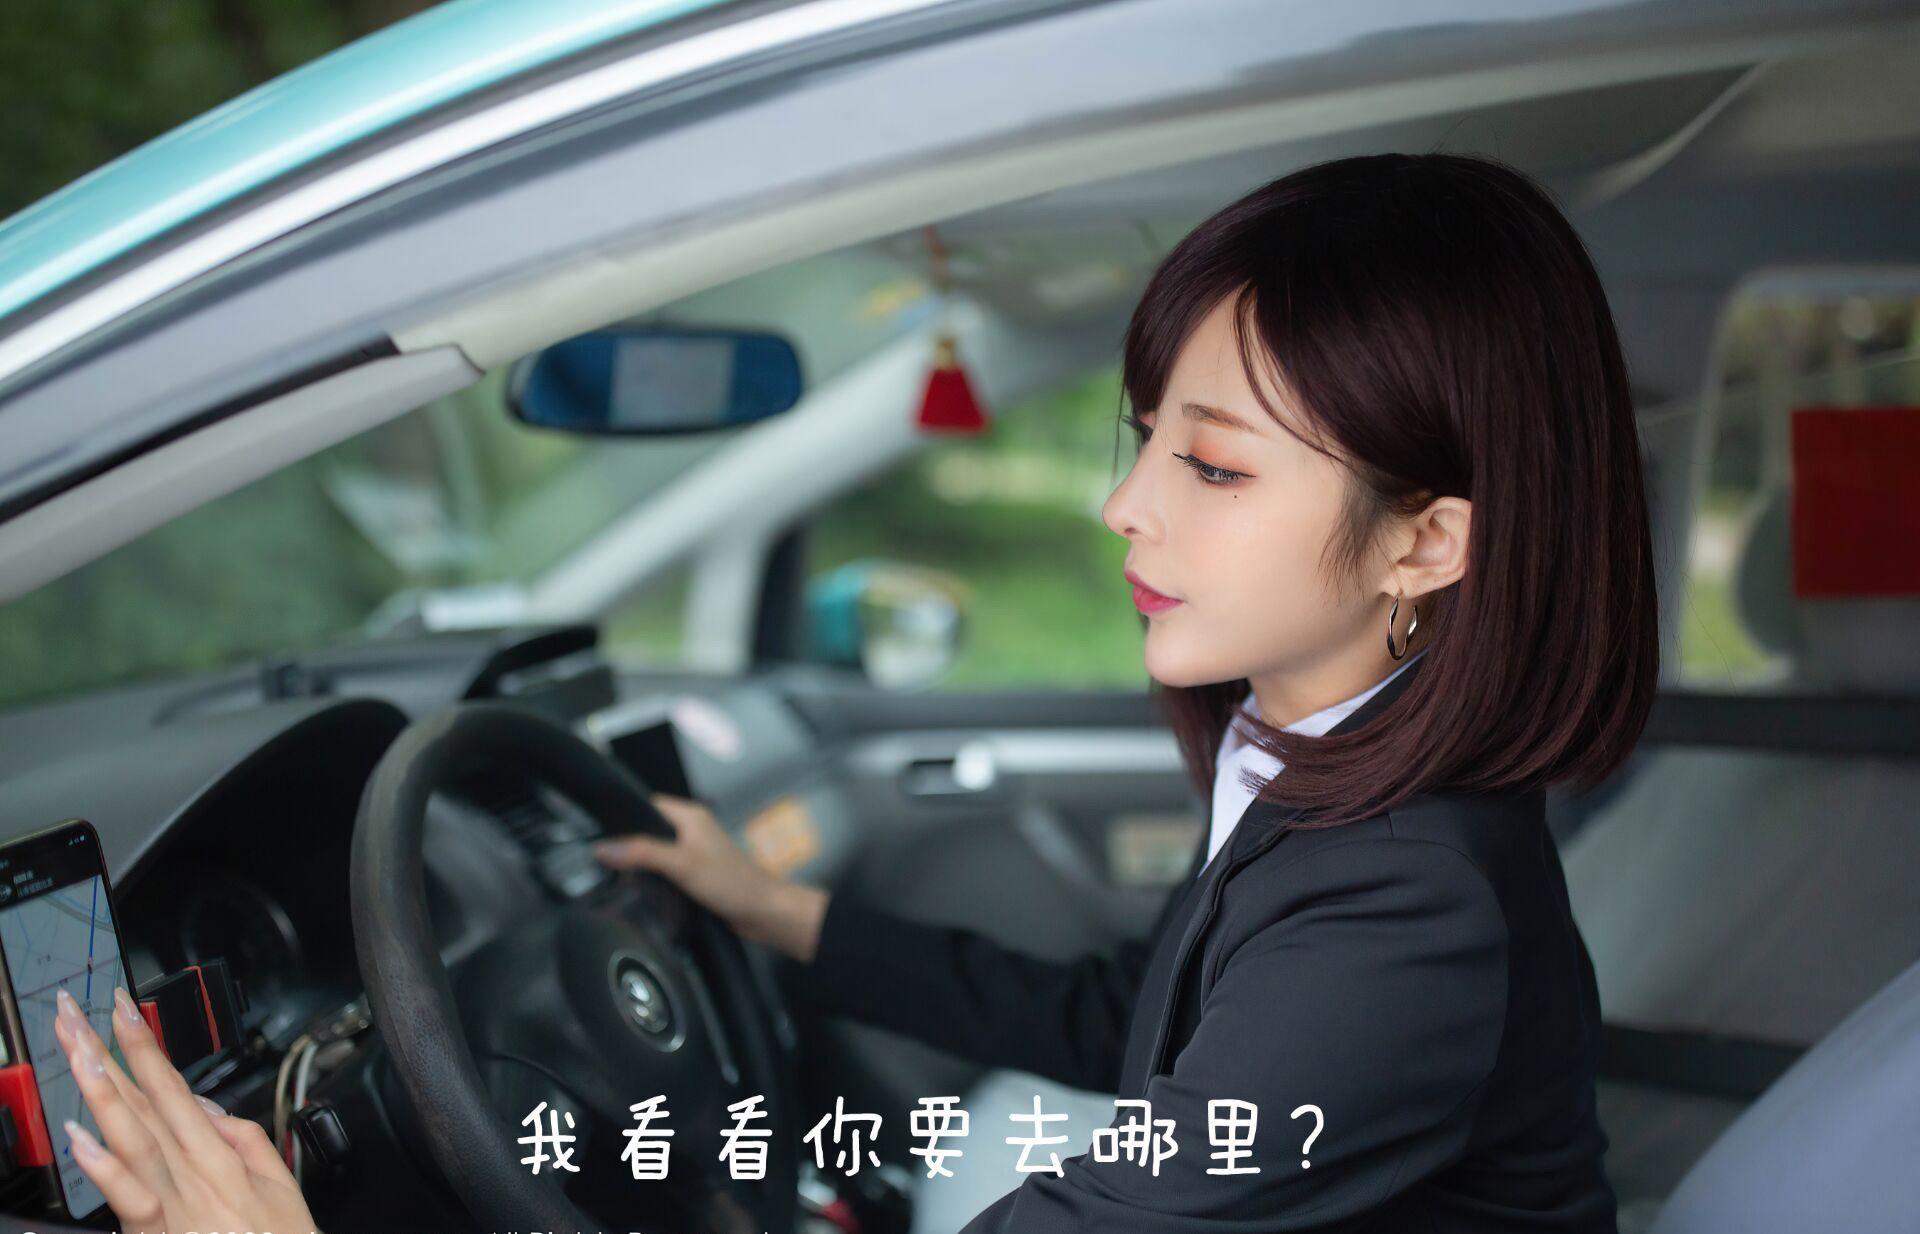 图片[4]-【剧情mietu】我和出租车女司机的邂逅故事-大鹏资源网